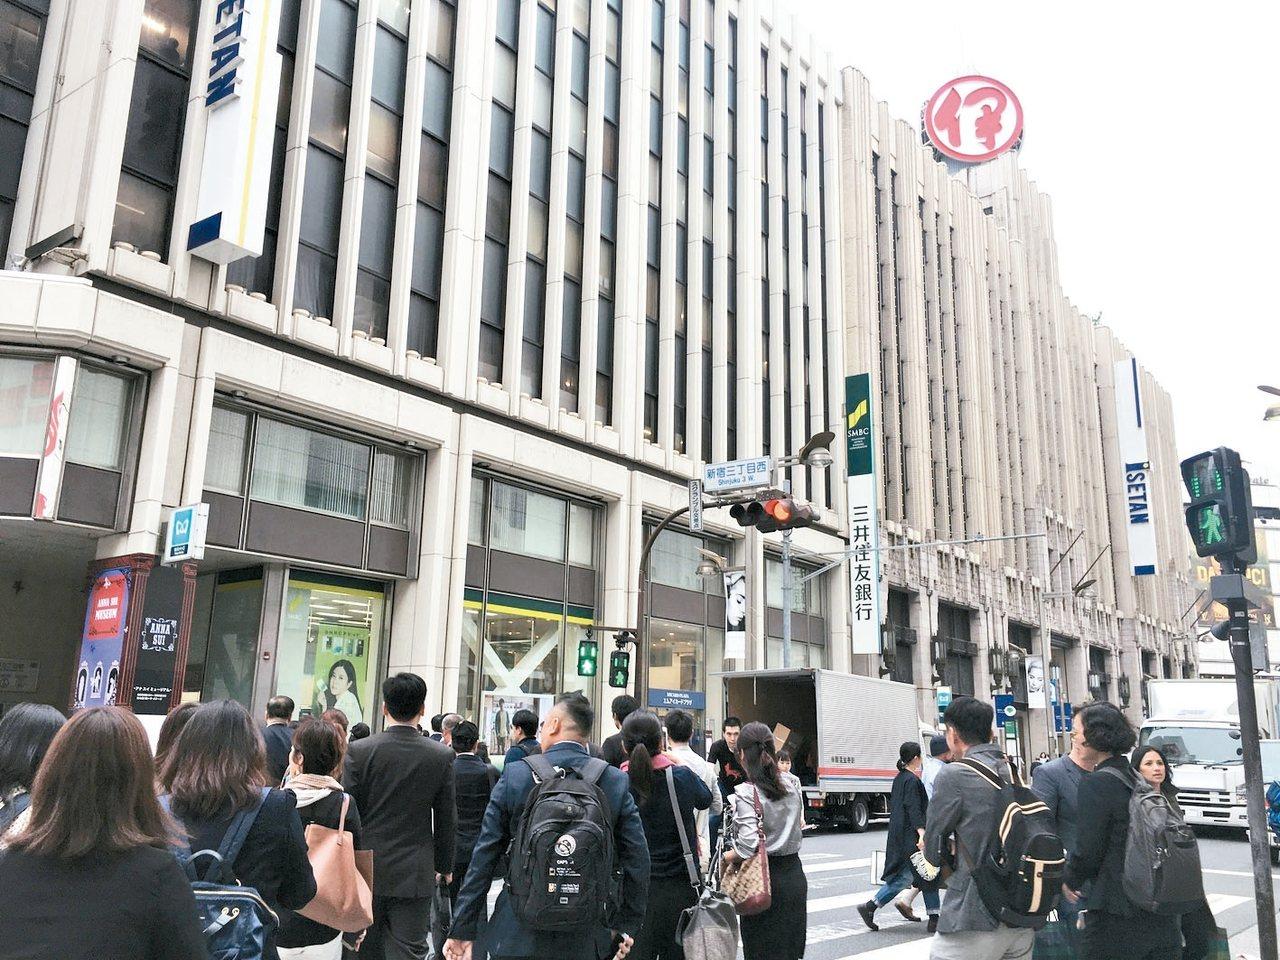 日本老品牌伊勢丹百貨,正積極運用各種最新科技,了解顧客的消費行為。 商研院/提供